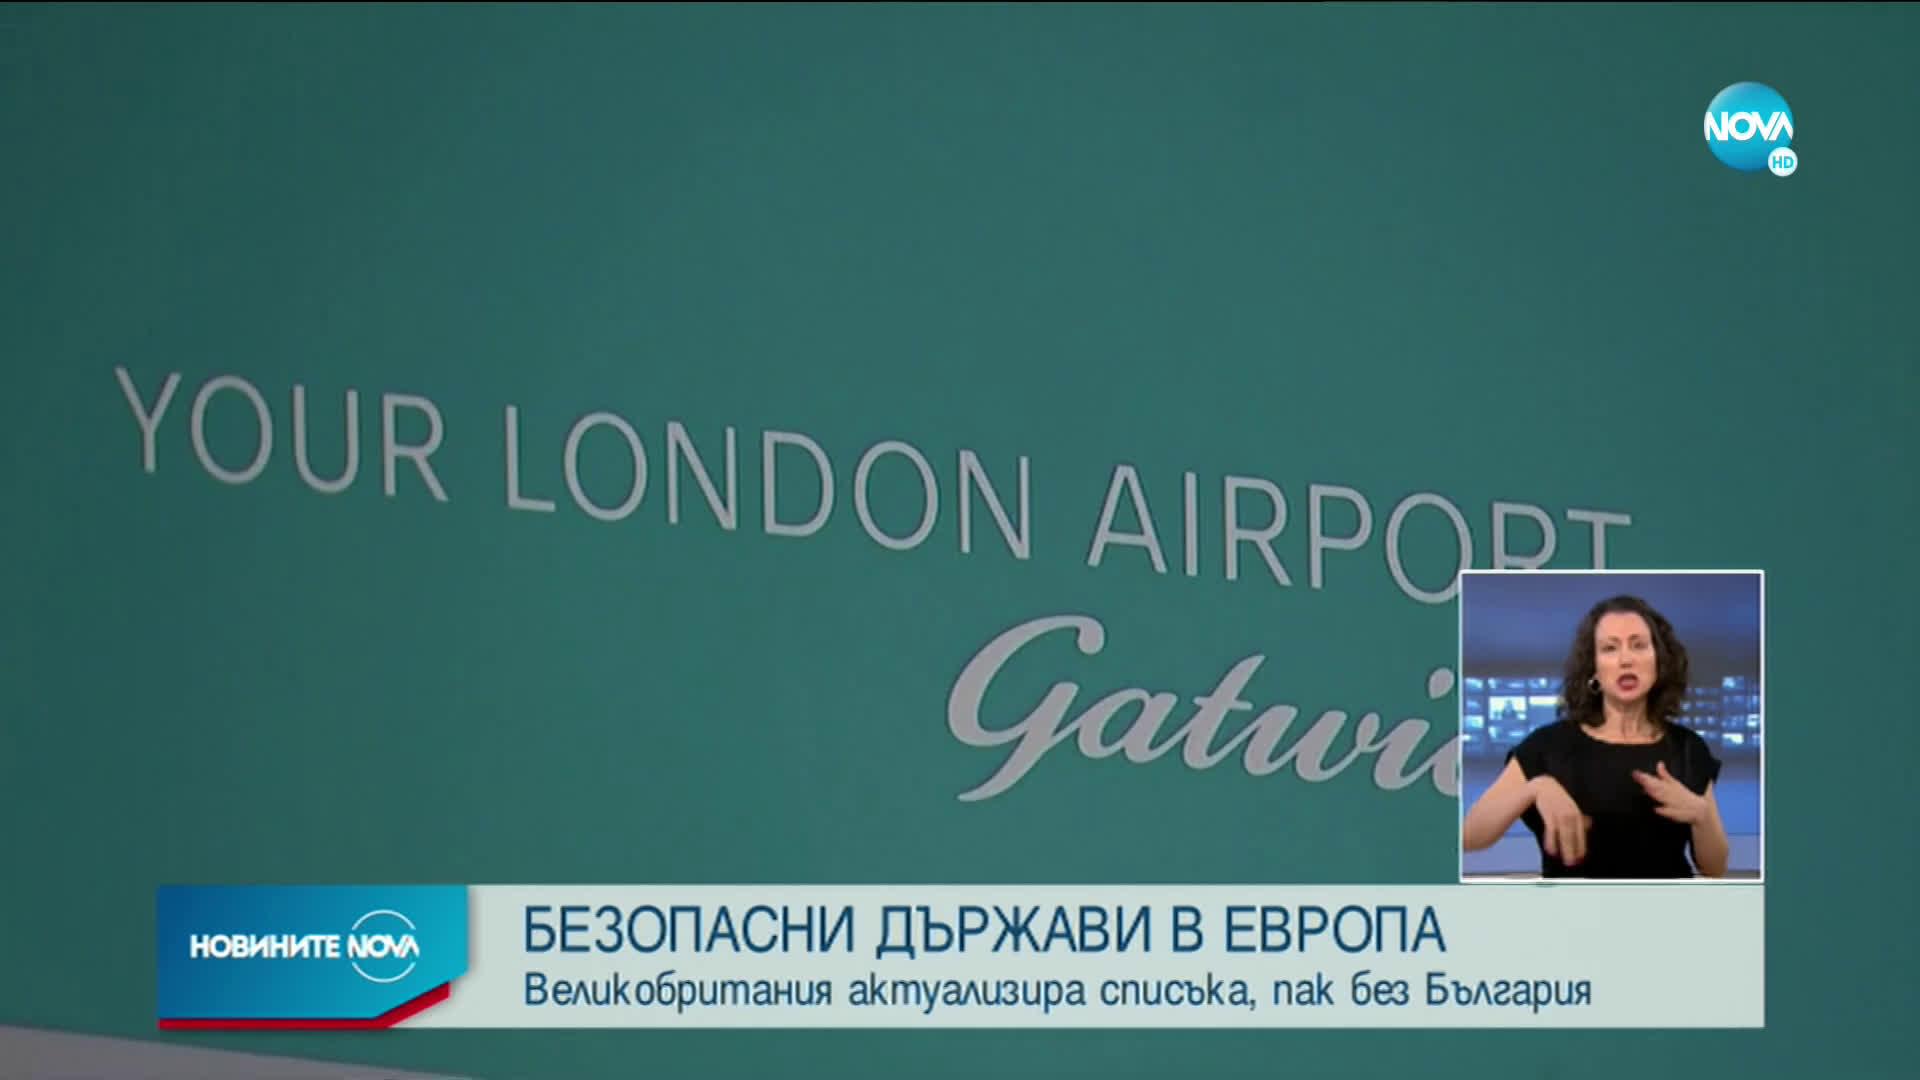 България окончателно беше извадена от списъка на Великобритания с безопасните държави